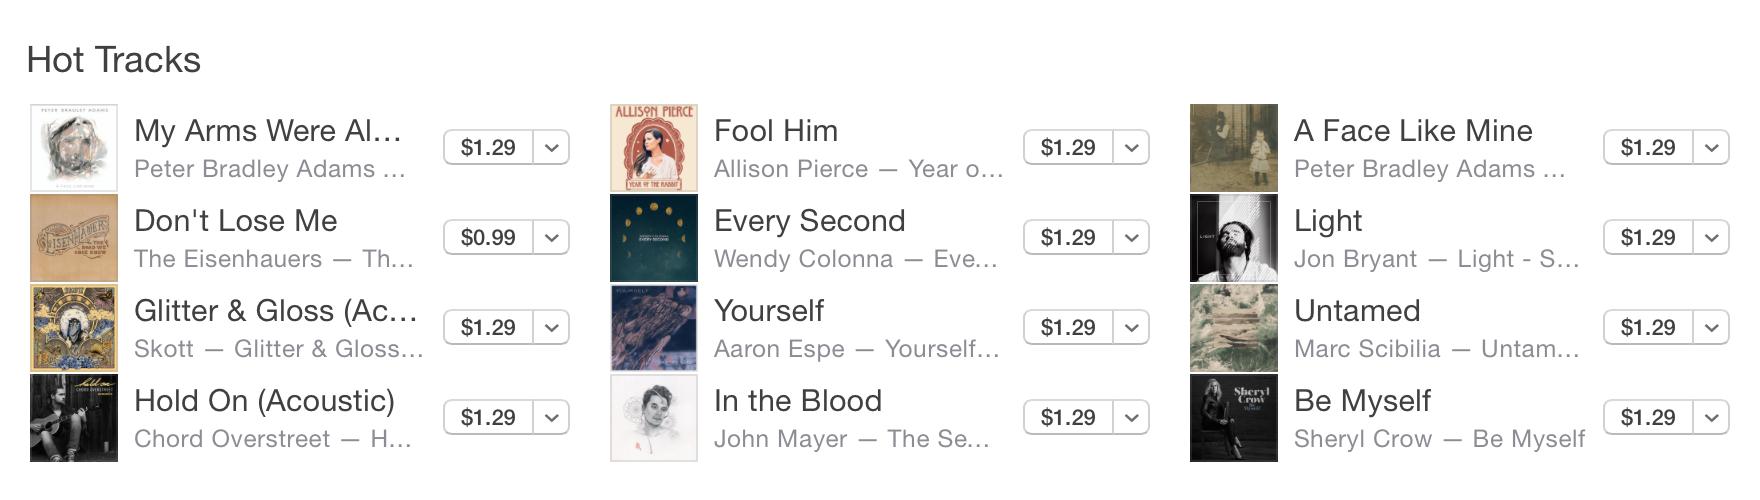 iTunes Hot tracks